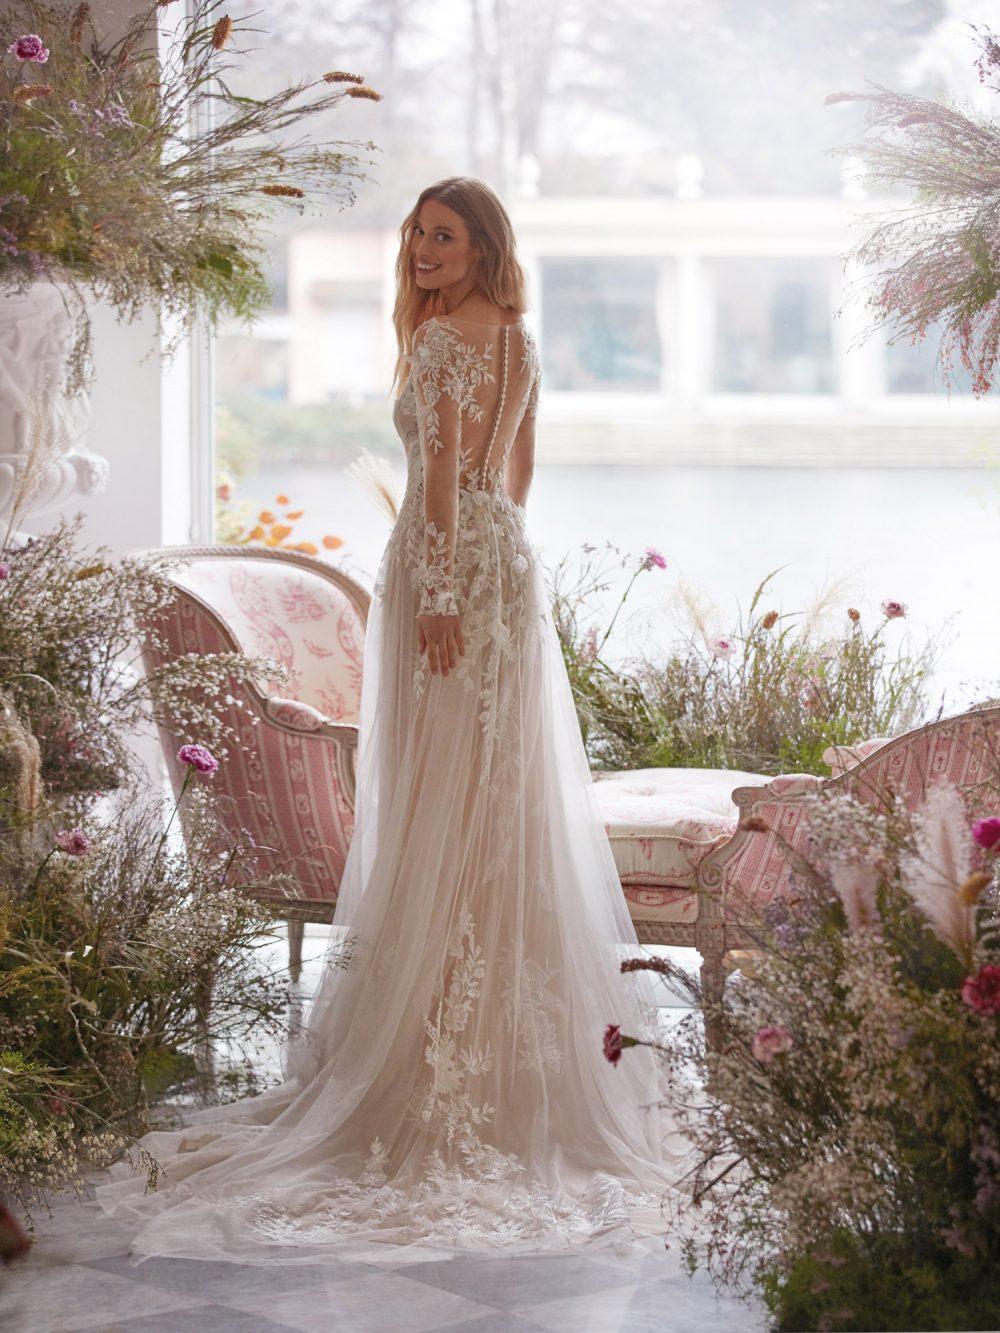 Colet 2022 abito vestito sposa vicenza AZALEA